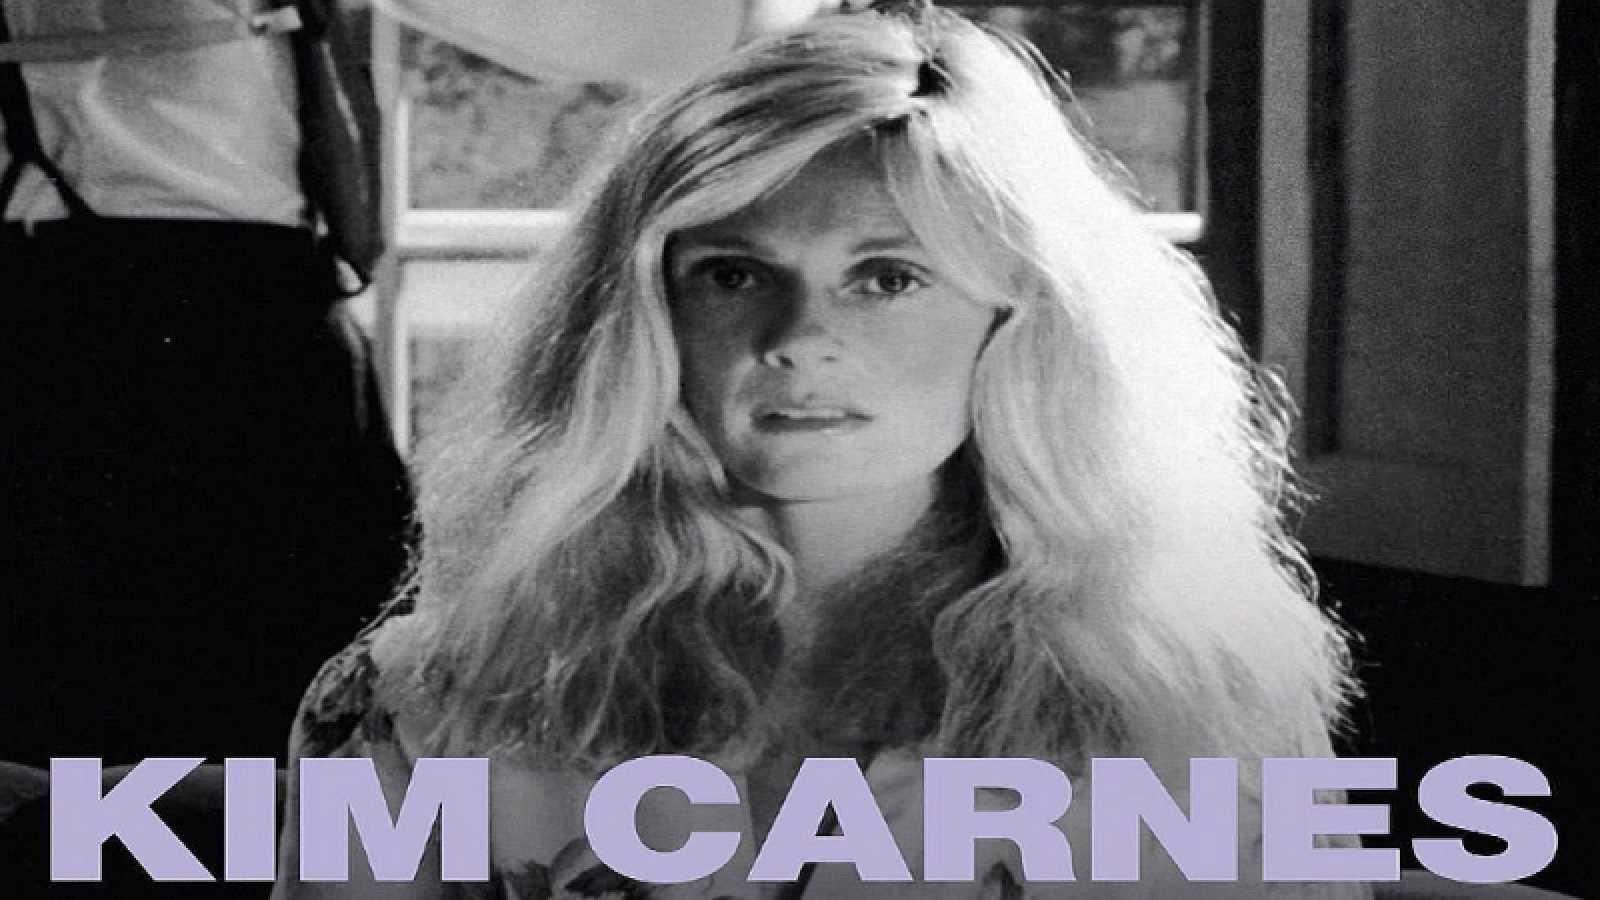 Próxima parada - Kim Carnes, Jim Messina, Falsh and The Pan - 23/04/21 - escuchar ahora